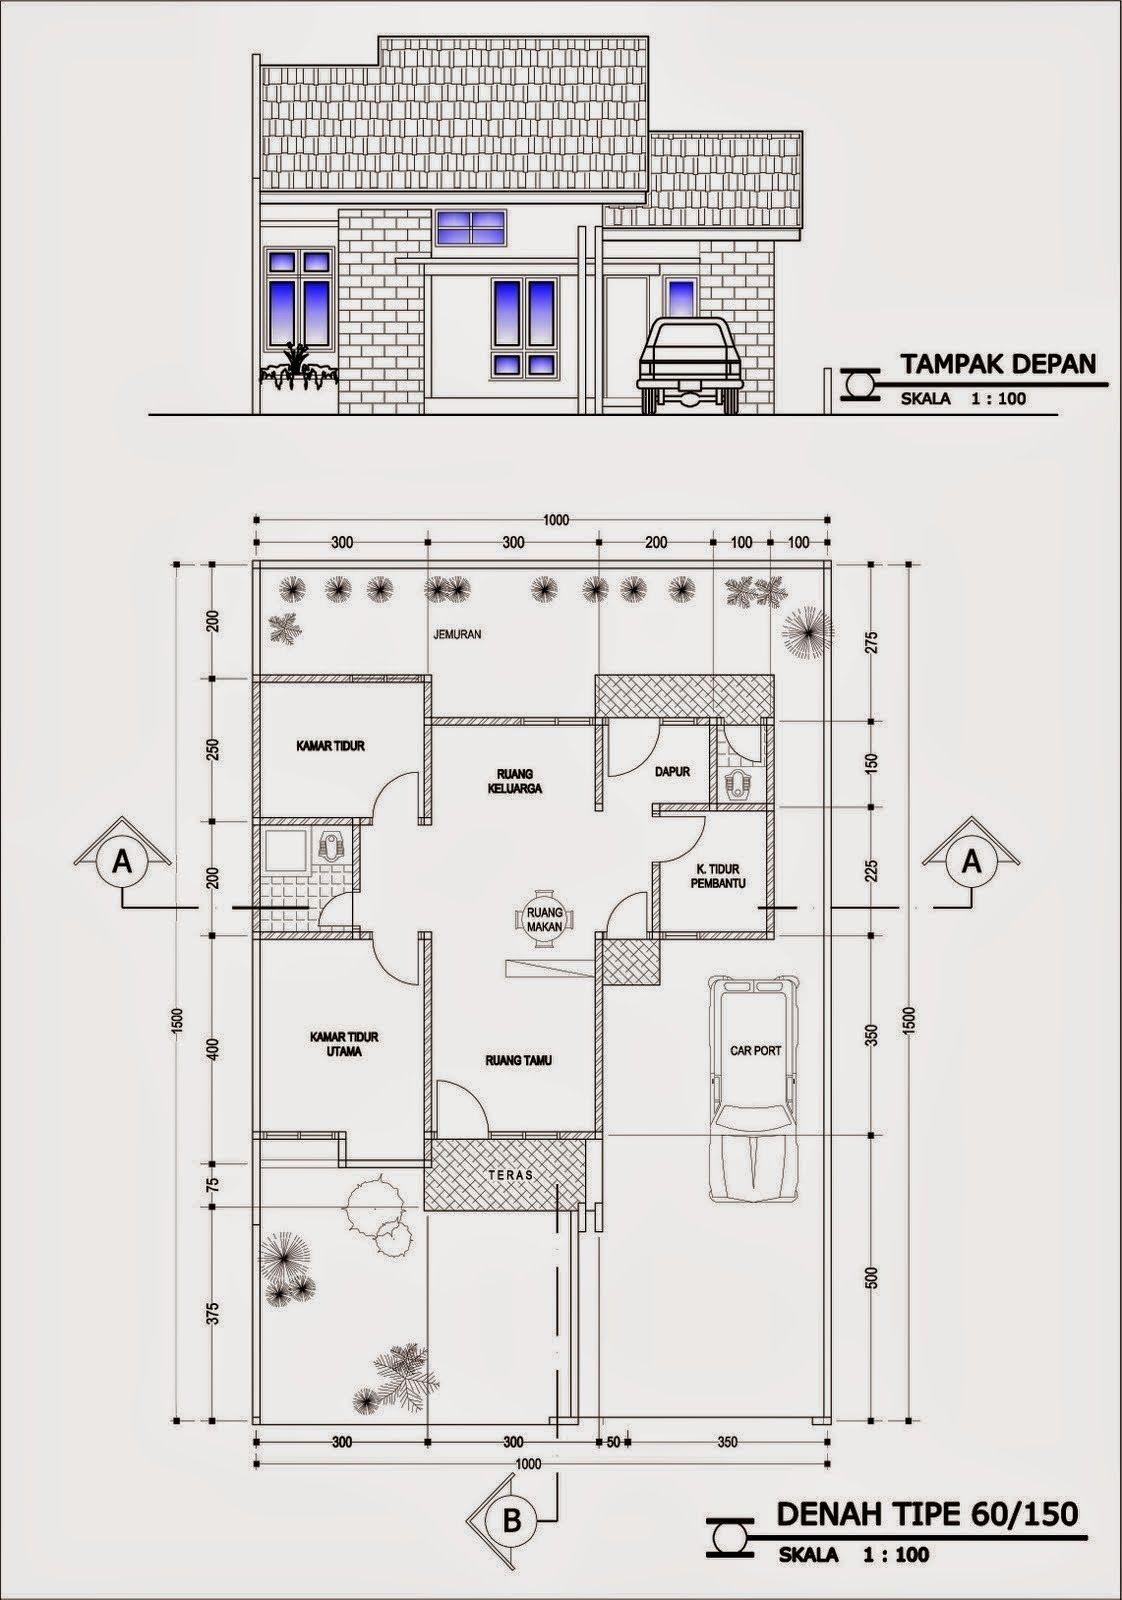 Inilah Gambar Denah Desain Rumah Minimalis Dengan 4 Kamar Tidur